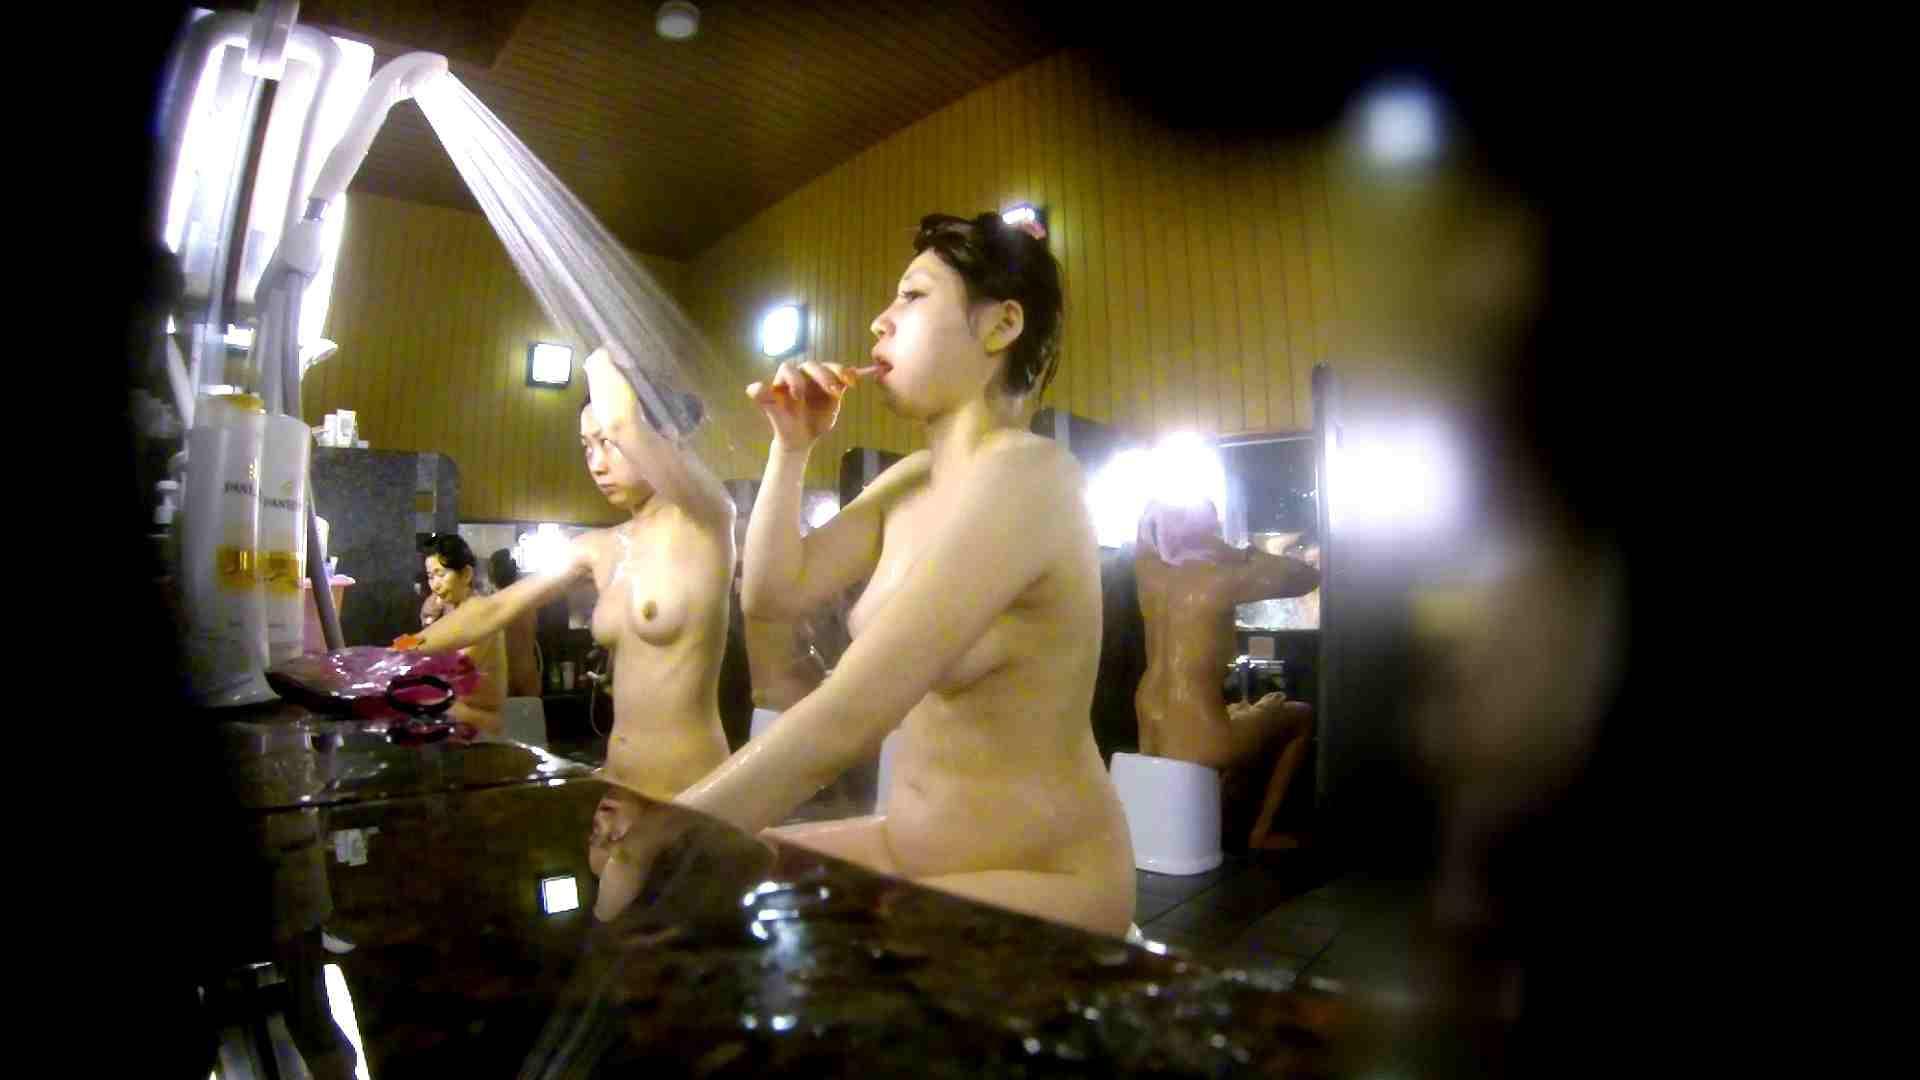 洗い場!柔らかそうな身体は良いけど、歯磨きが下品です。 潜入 | 女湯  107画像 1